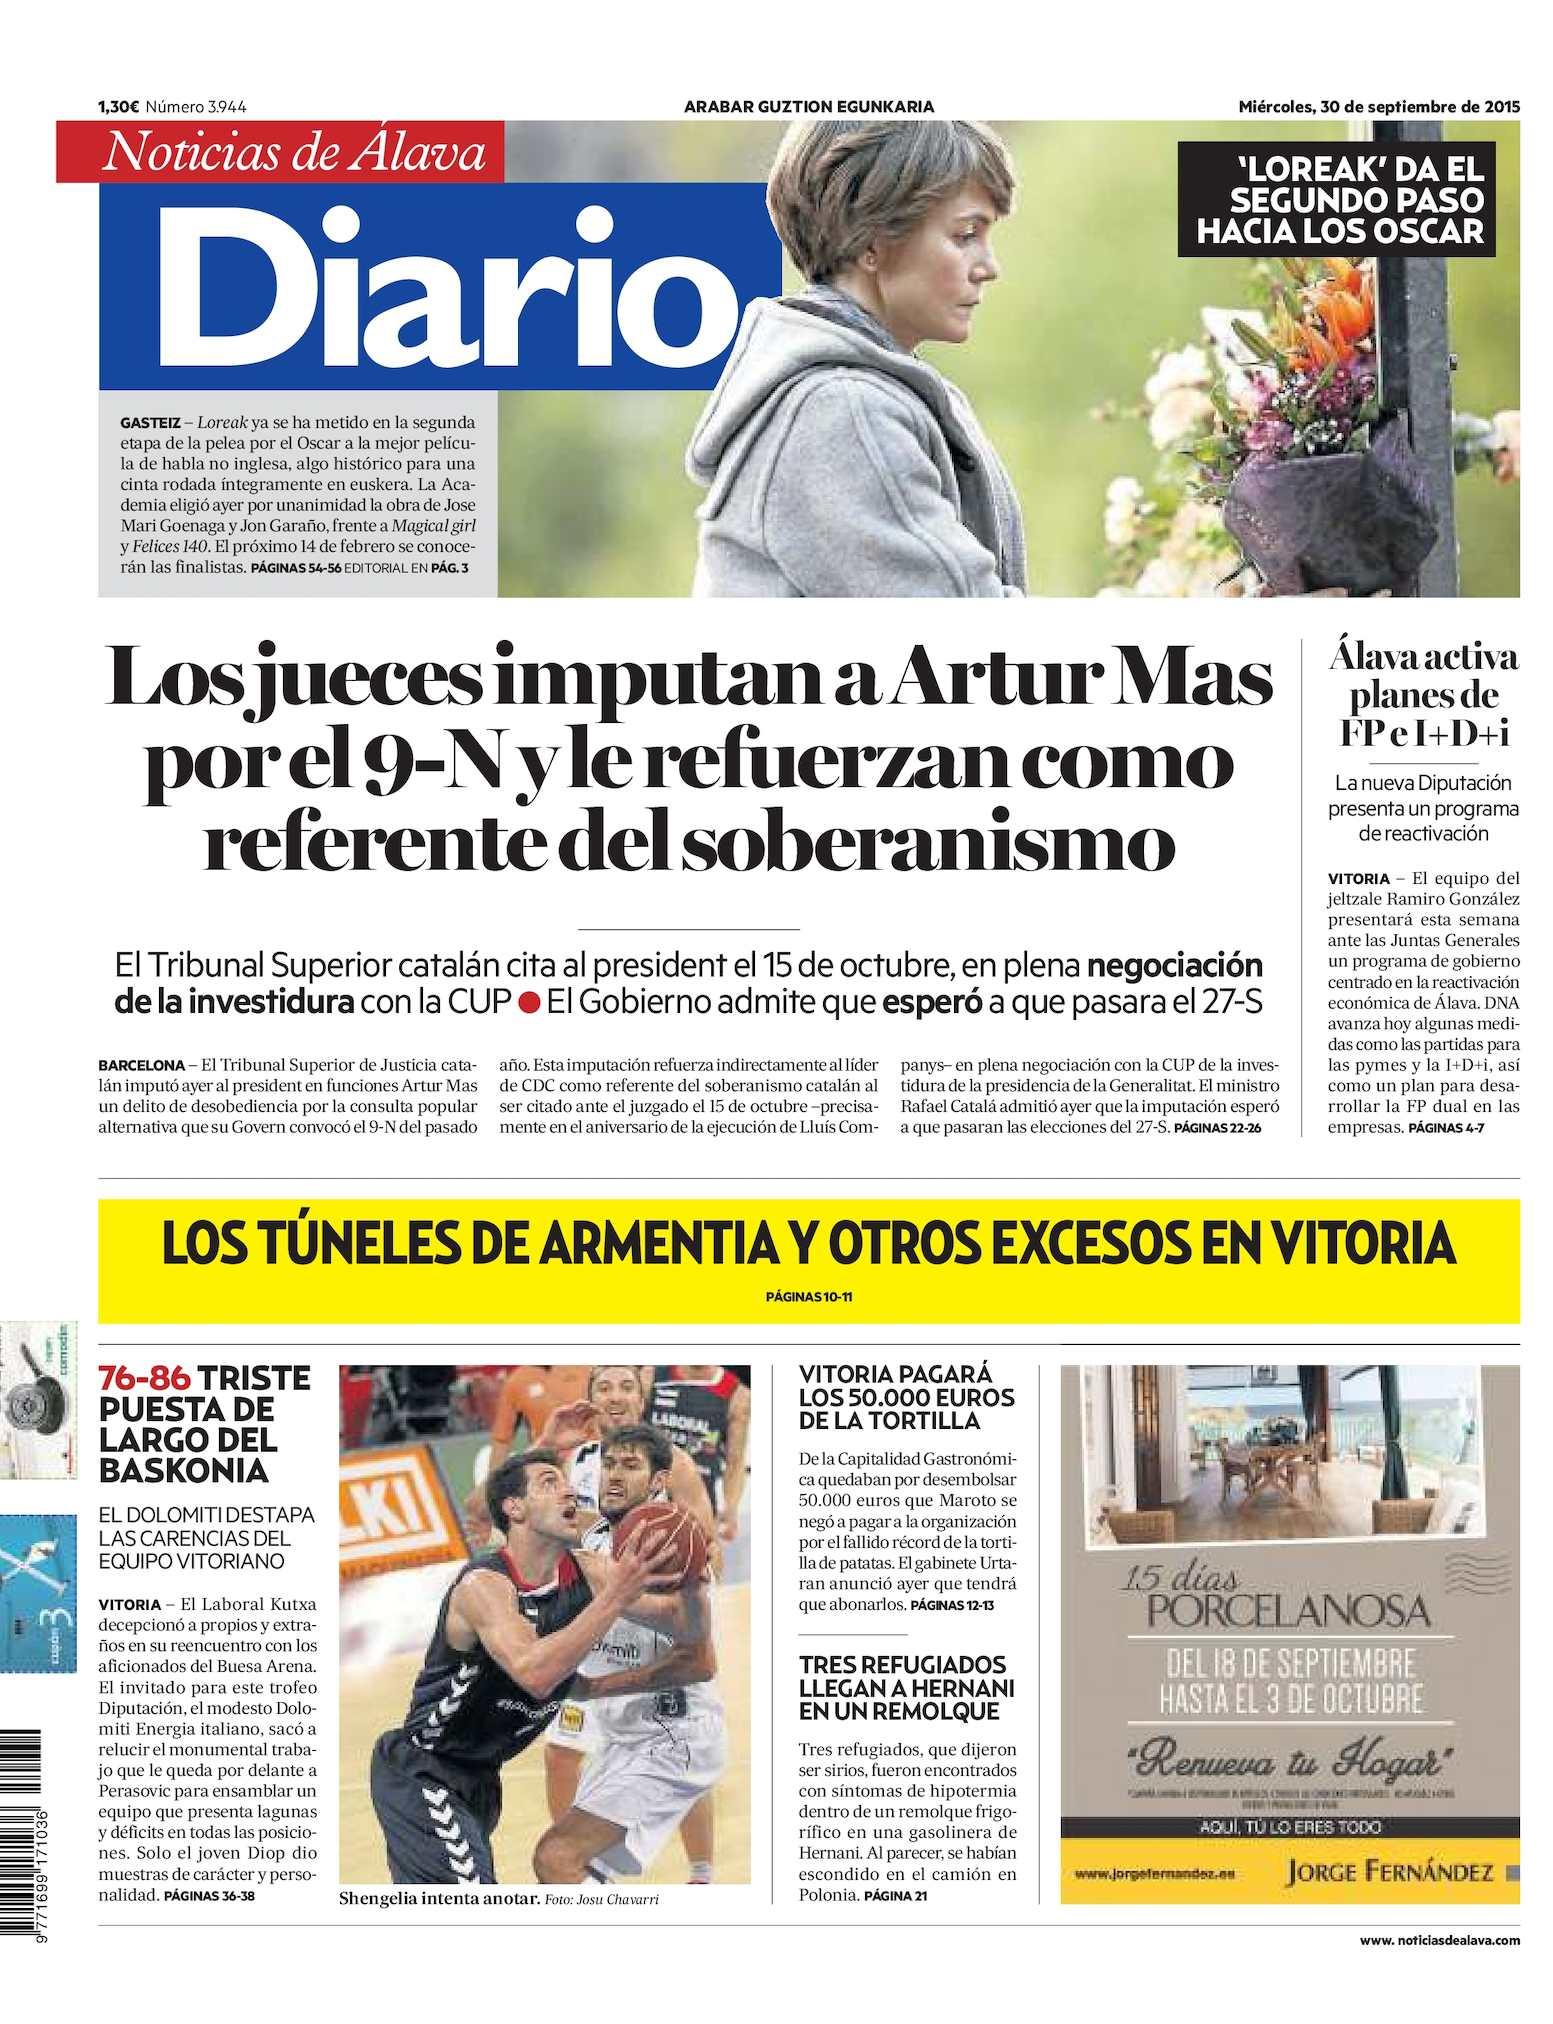 ab39ddde03 Calaméo - Diario de Noticias de Álava 20150930